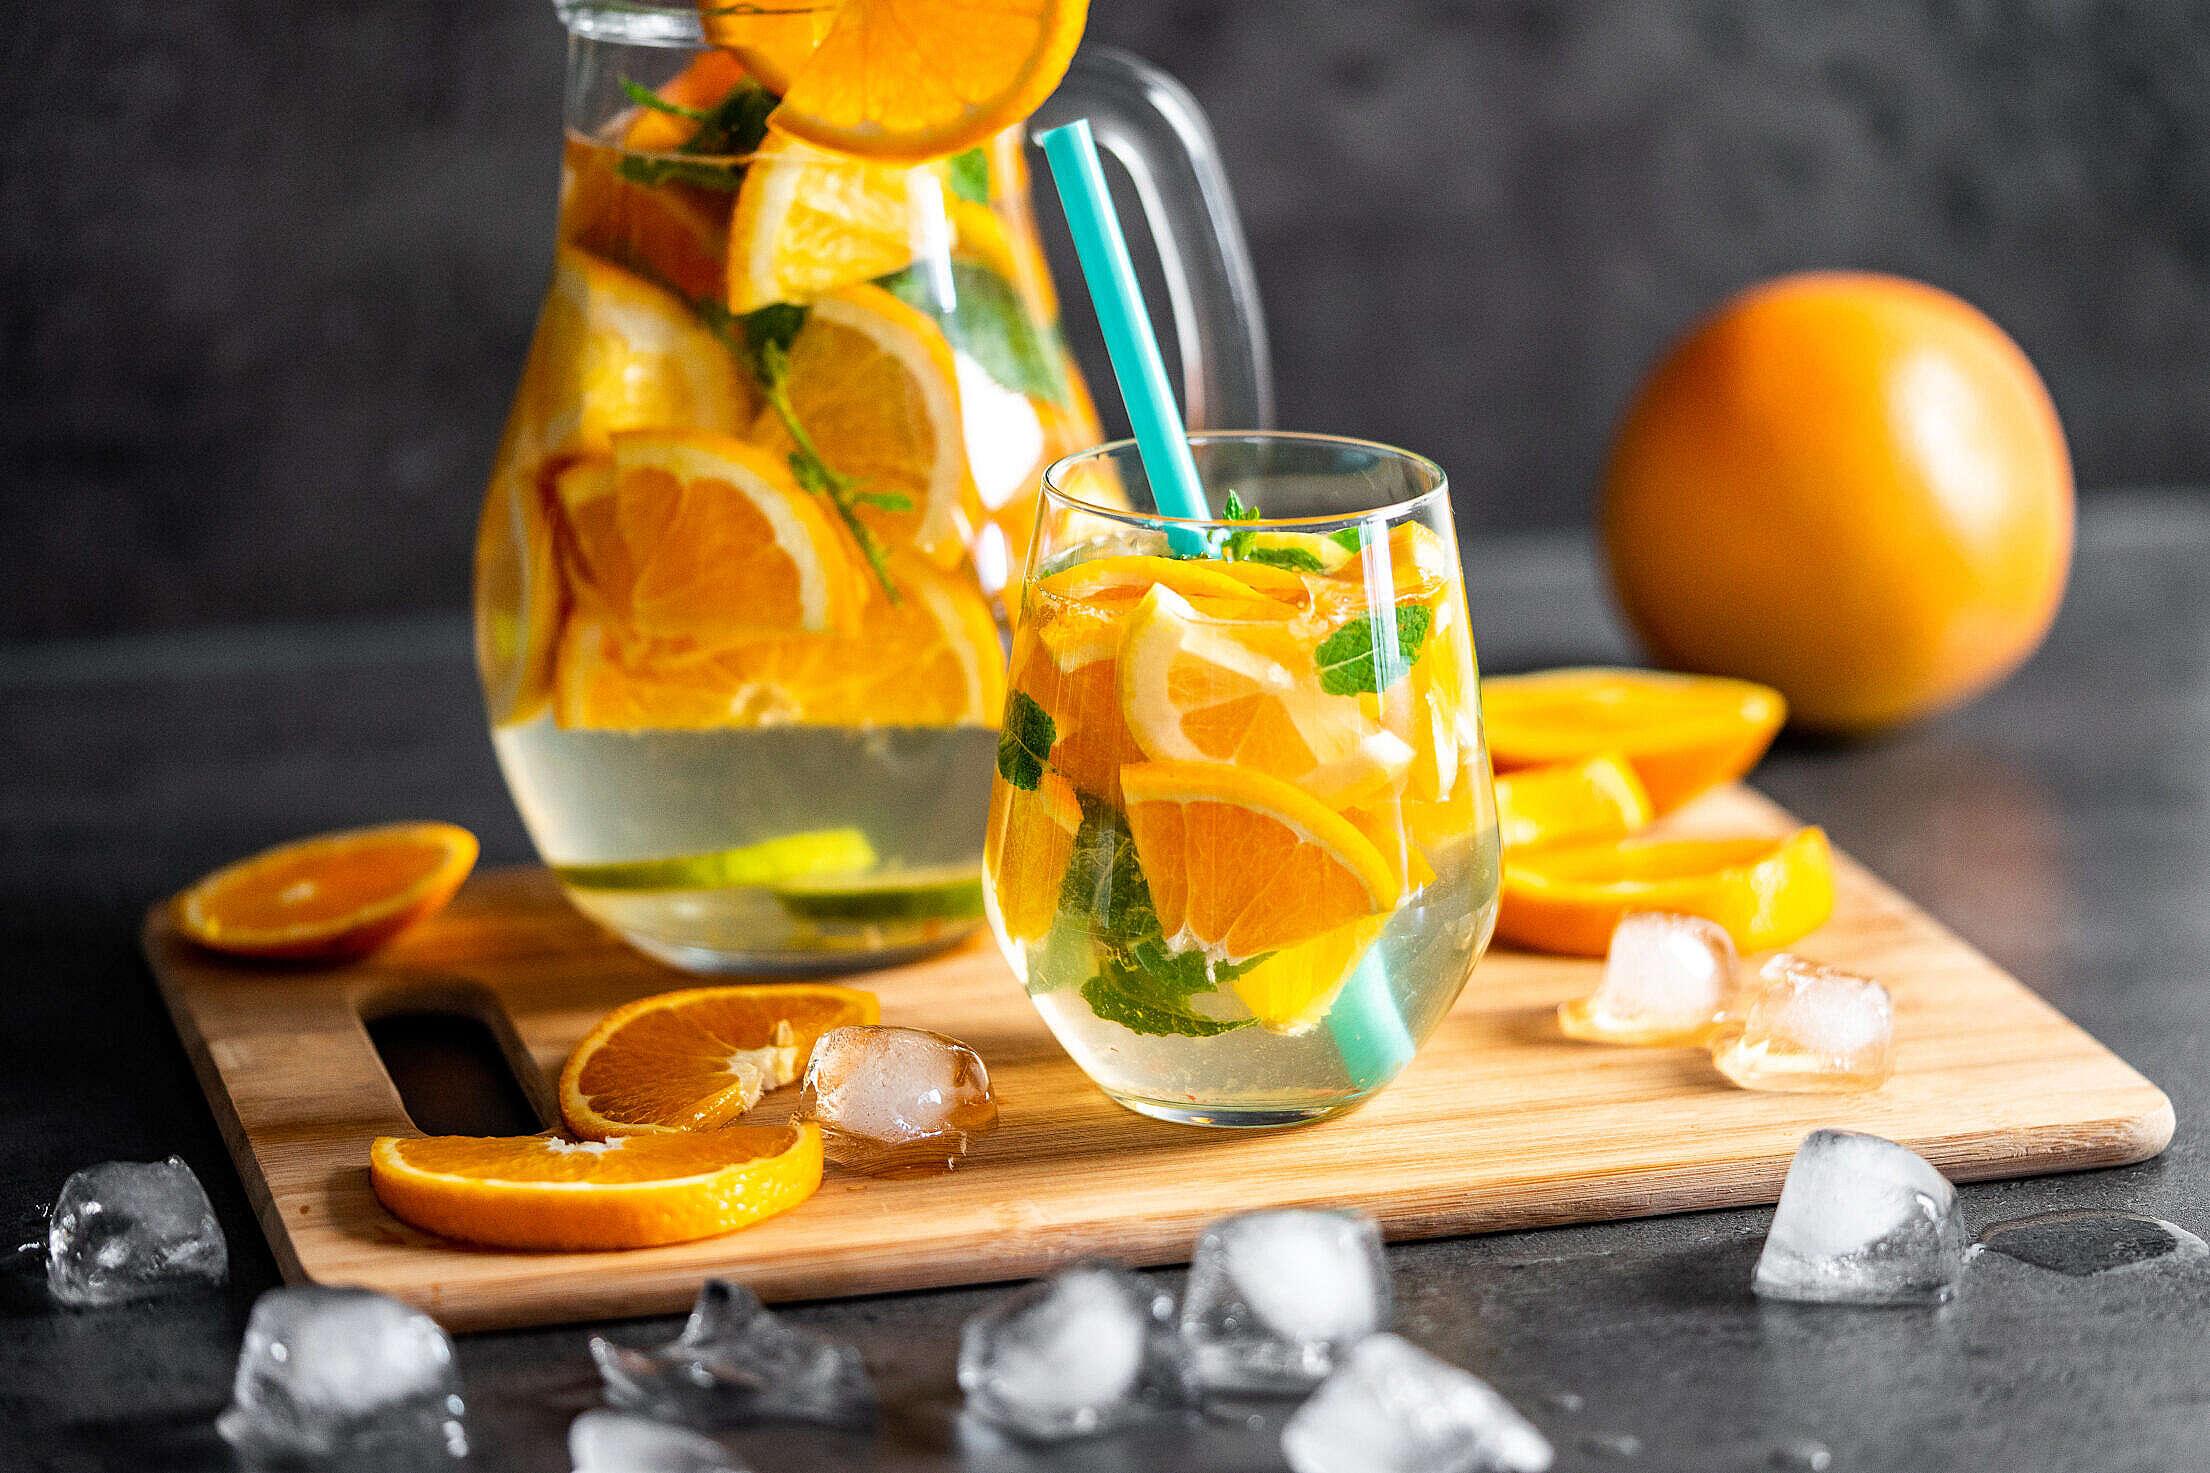 Orange Lemonade with Ice Cubes Free Stock Photo